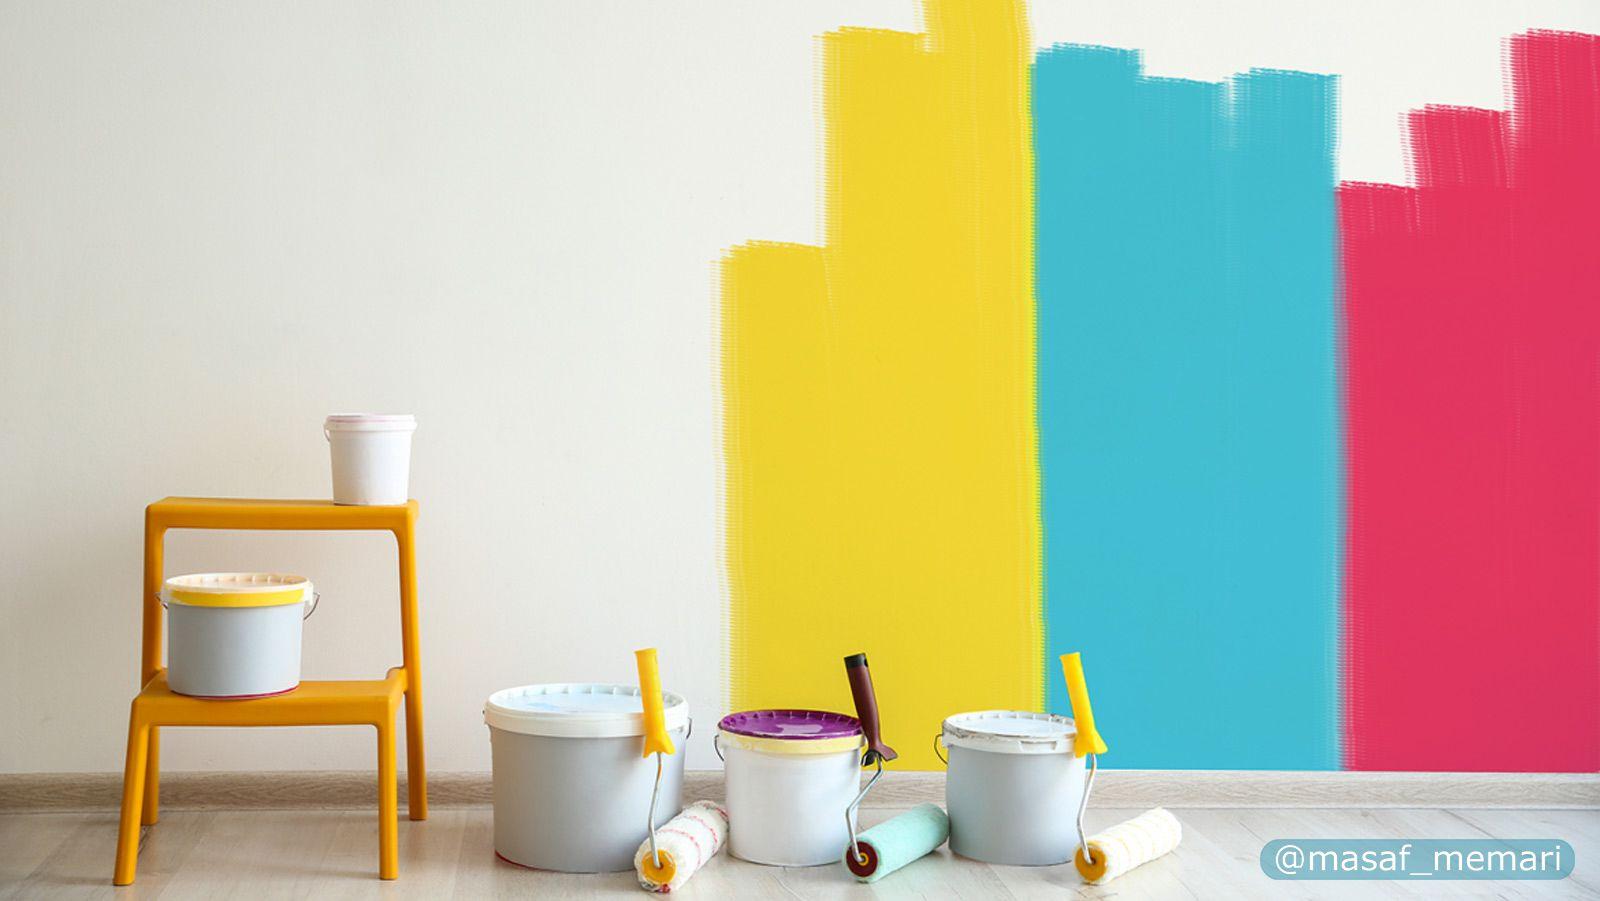 تخمین مقدار مورد نیاز رنگ برای پوشش دیوار